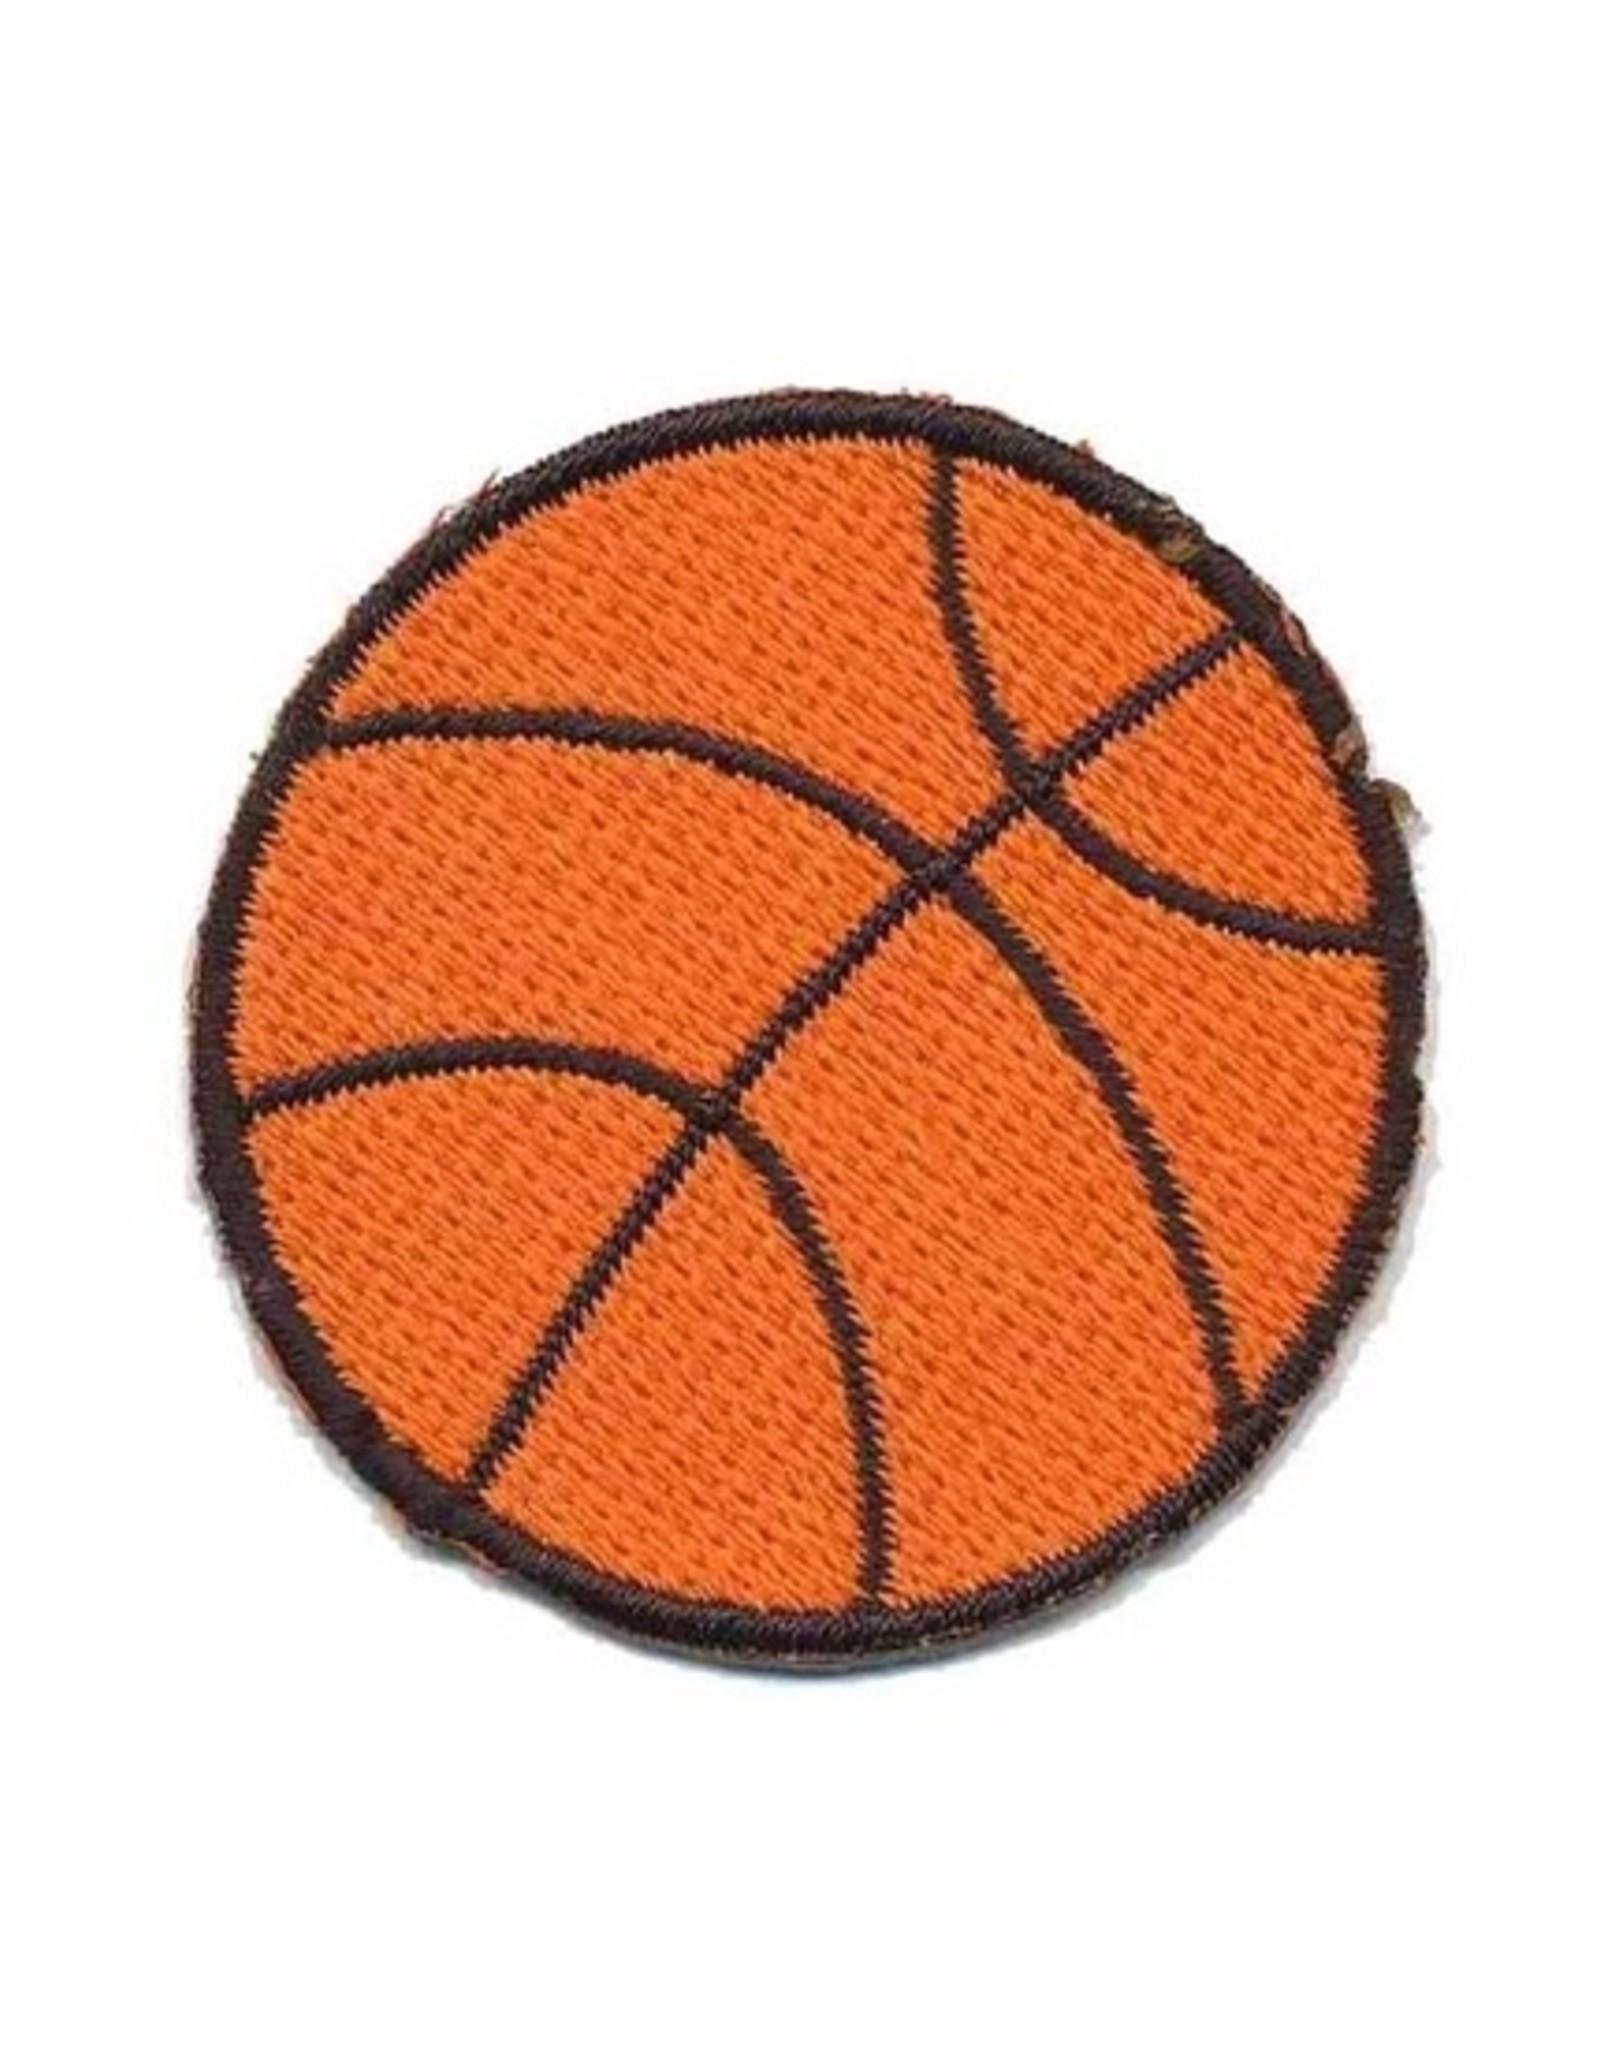 Strijkapplicatie - Basketbal